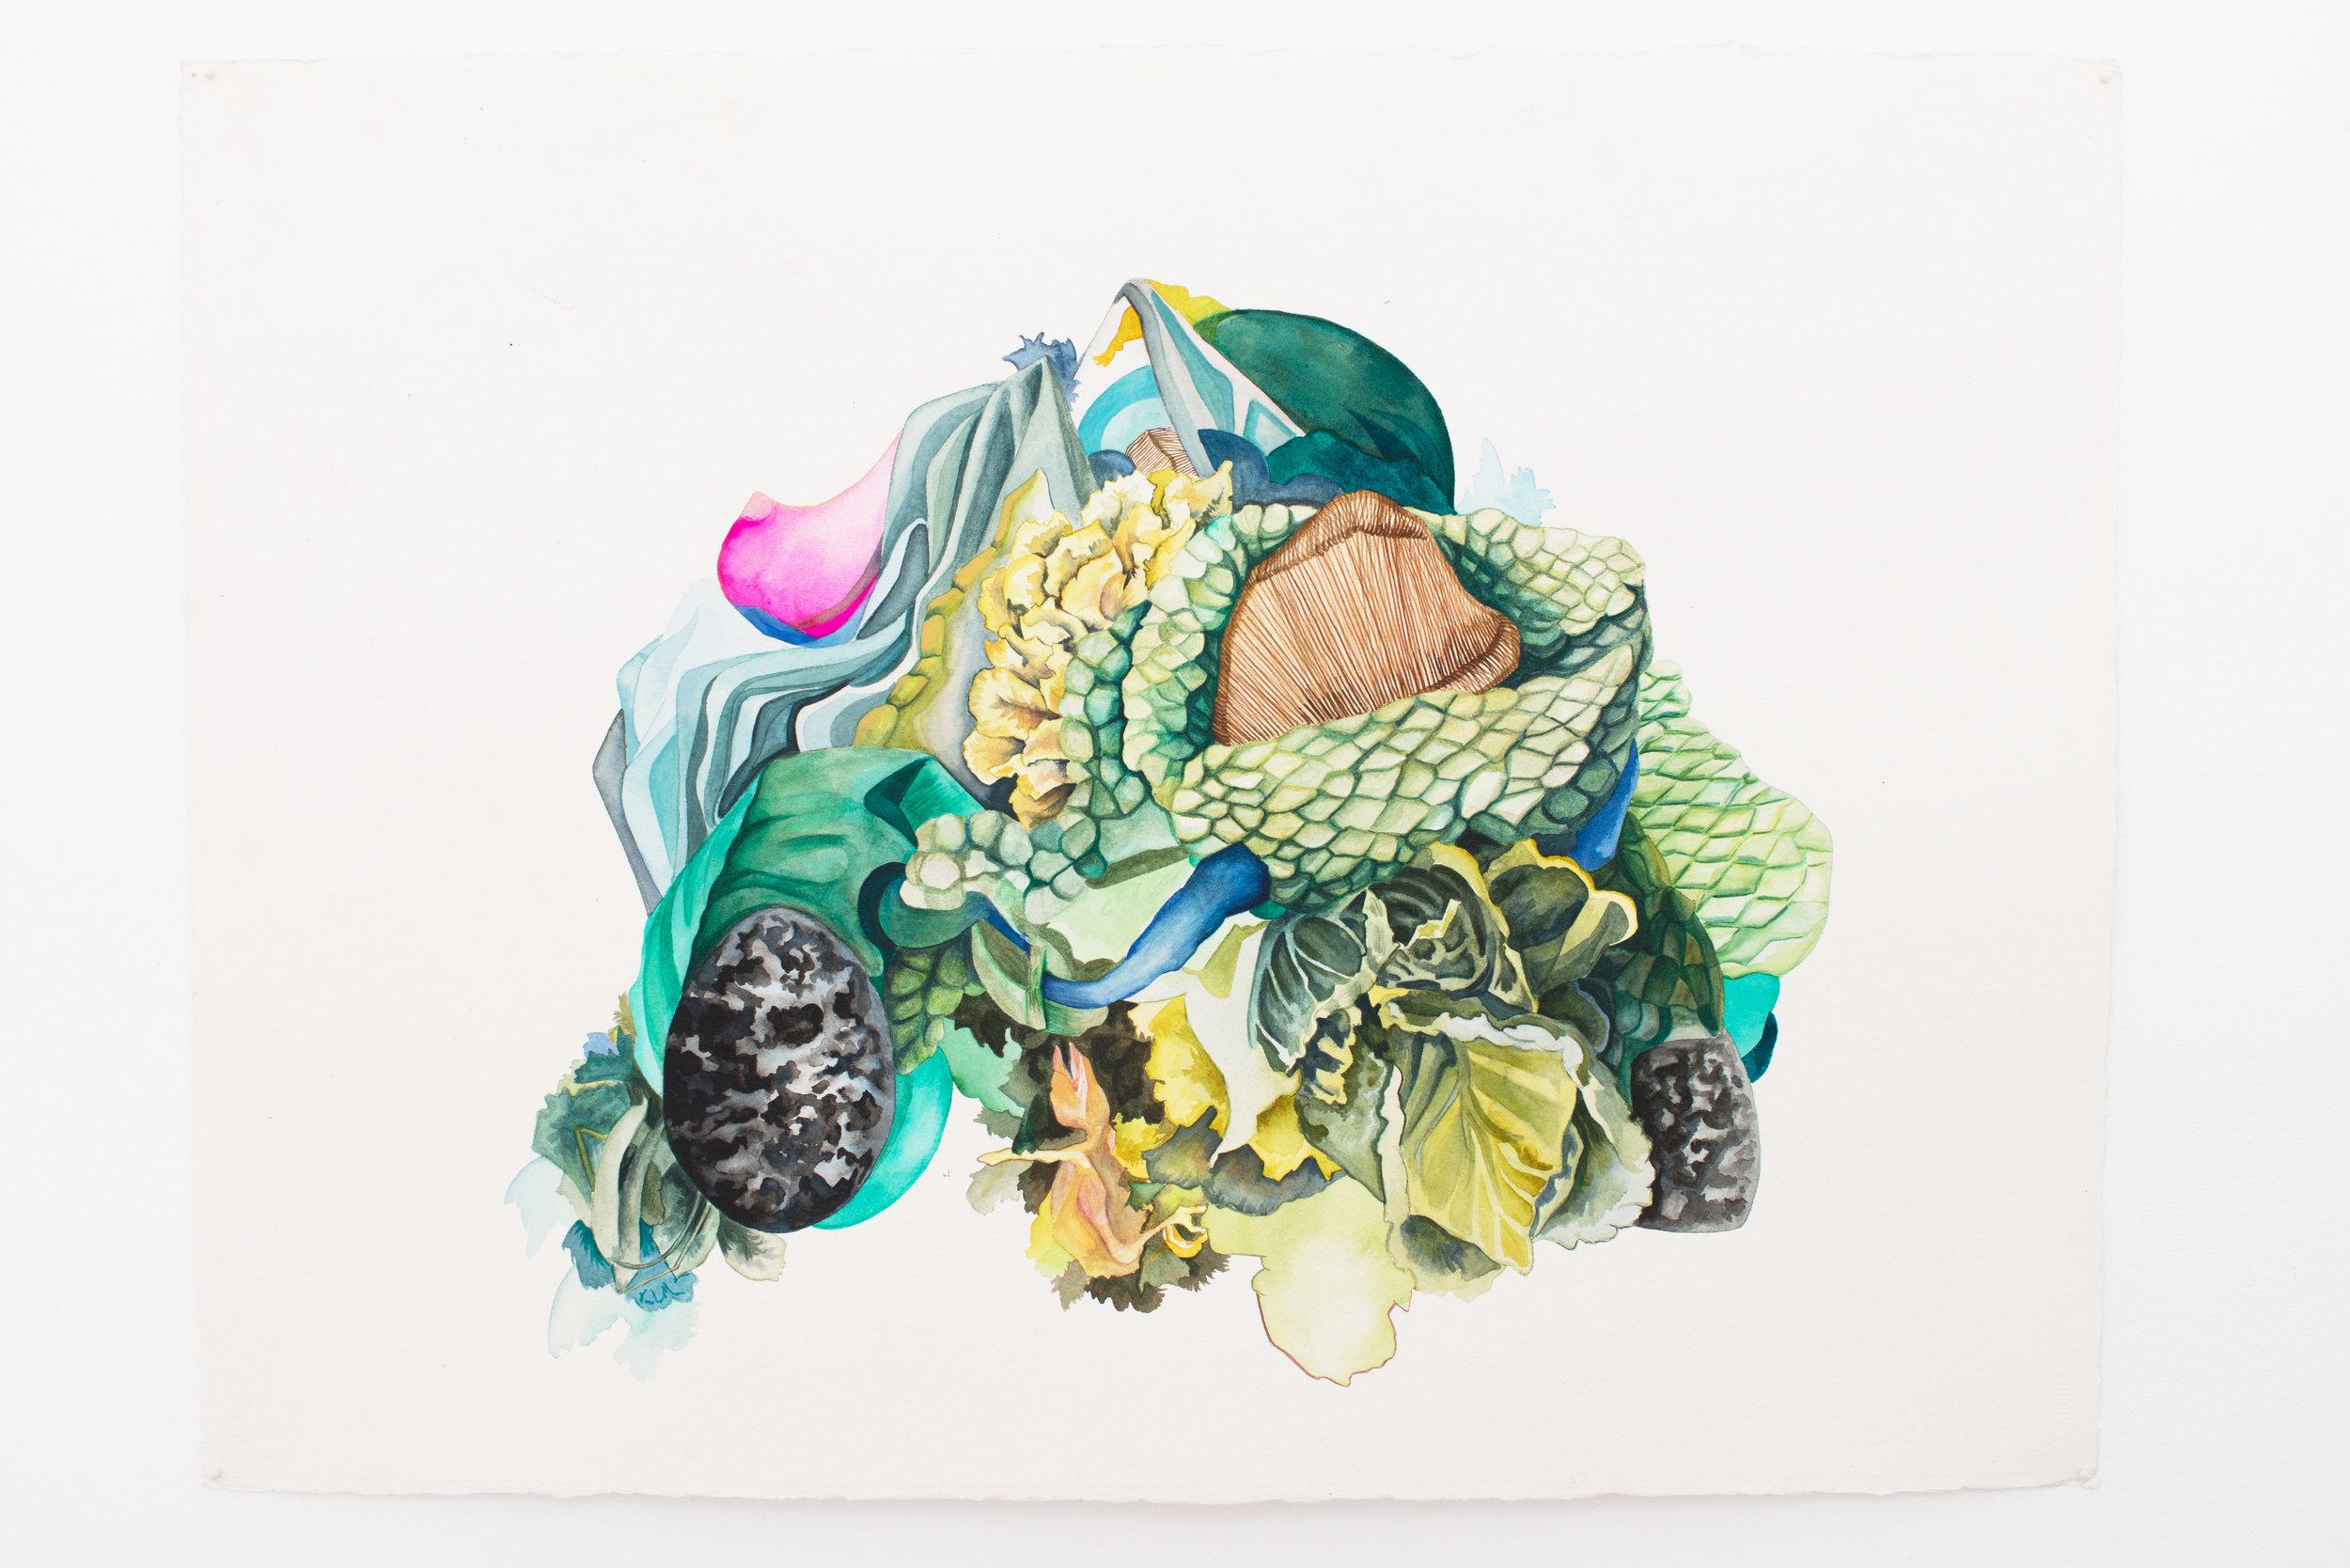 Sofia Ortiz   Fallen,  2017 Watercolor on paper 22 x 30 inches